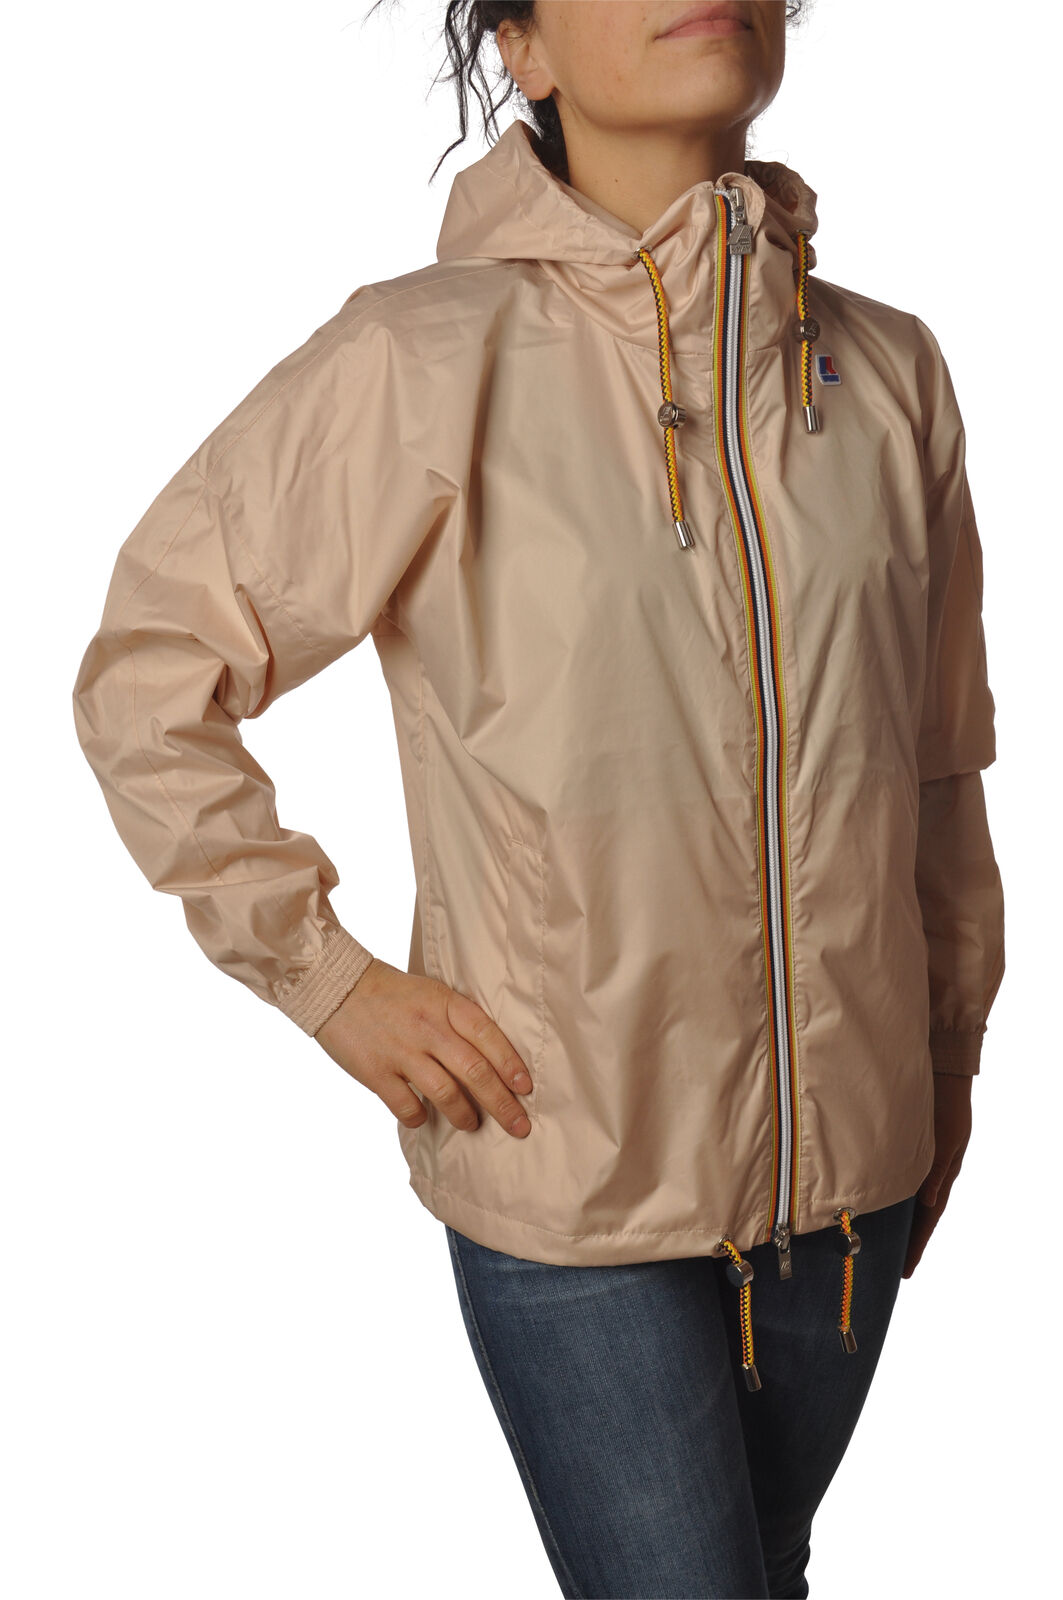 K-Way-Prendas de abrigo-chaquetas-Mujer-Beige  - 6074330E191215  60% de descuento